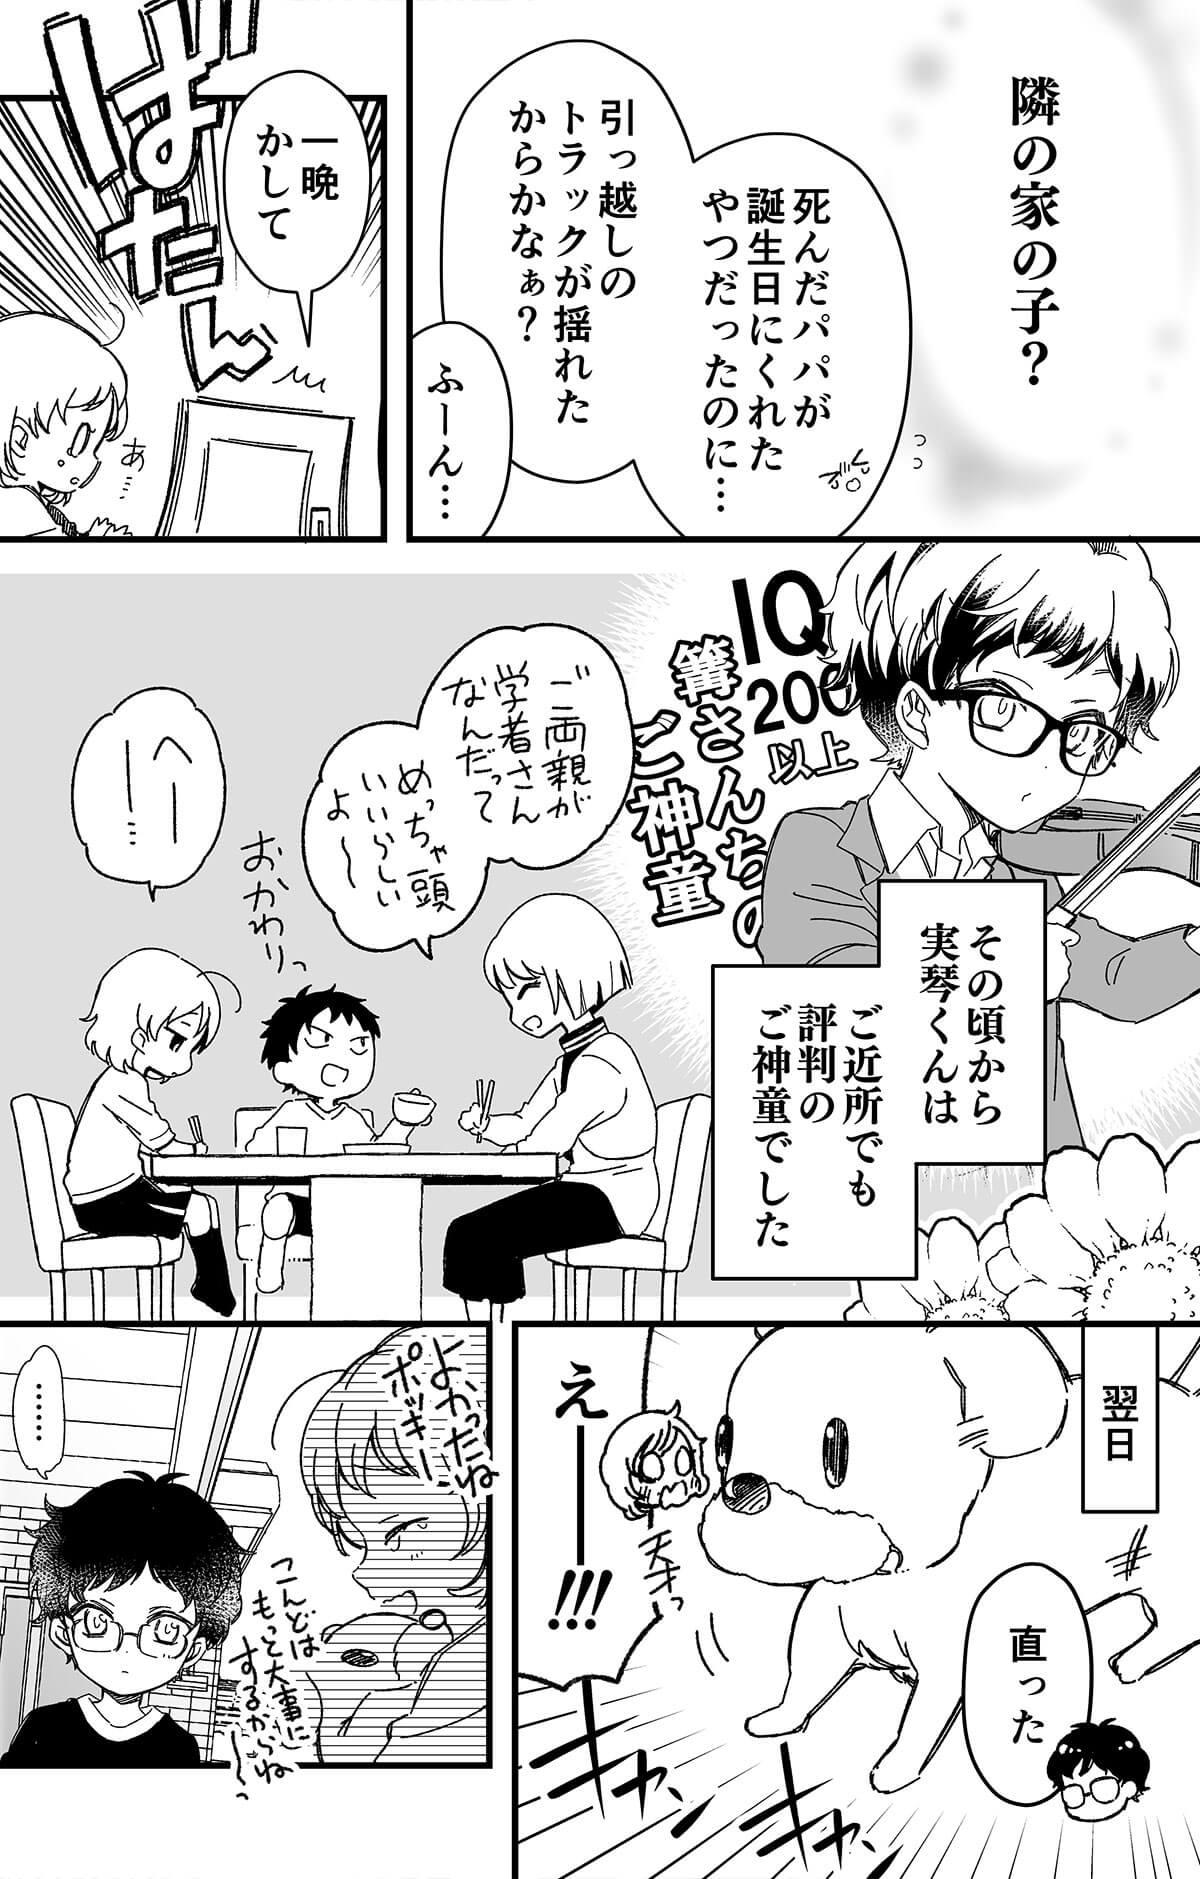 トナリのイケショタくん2-2